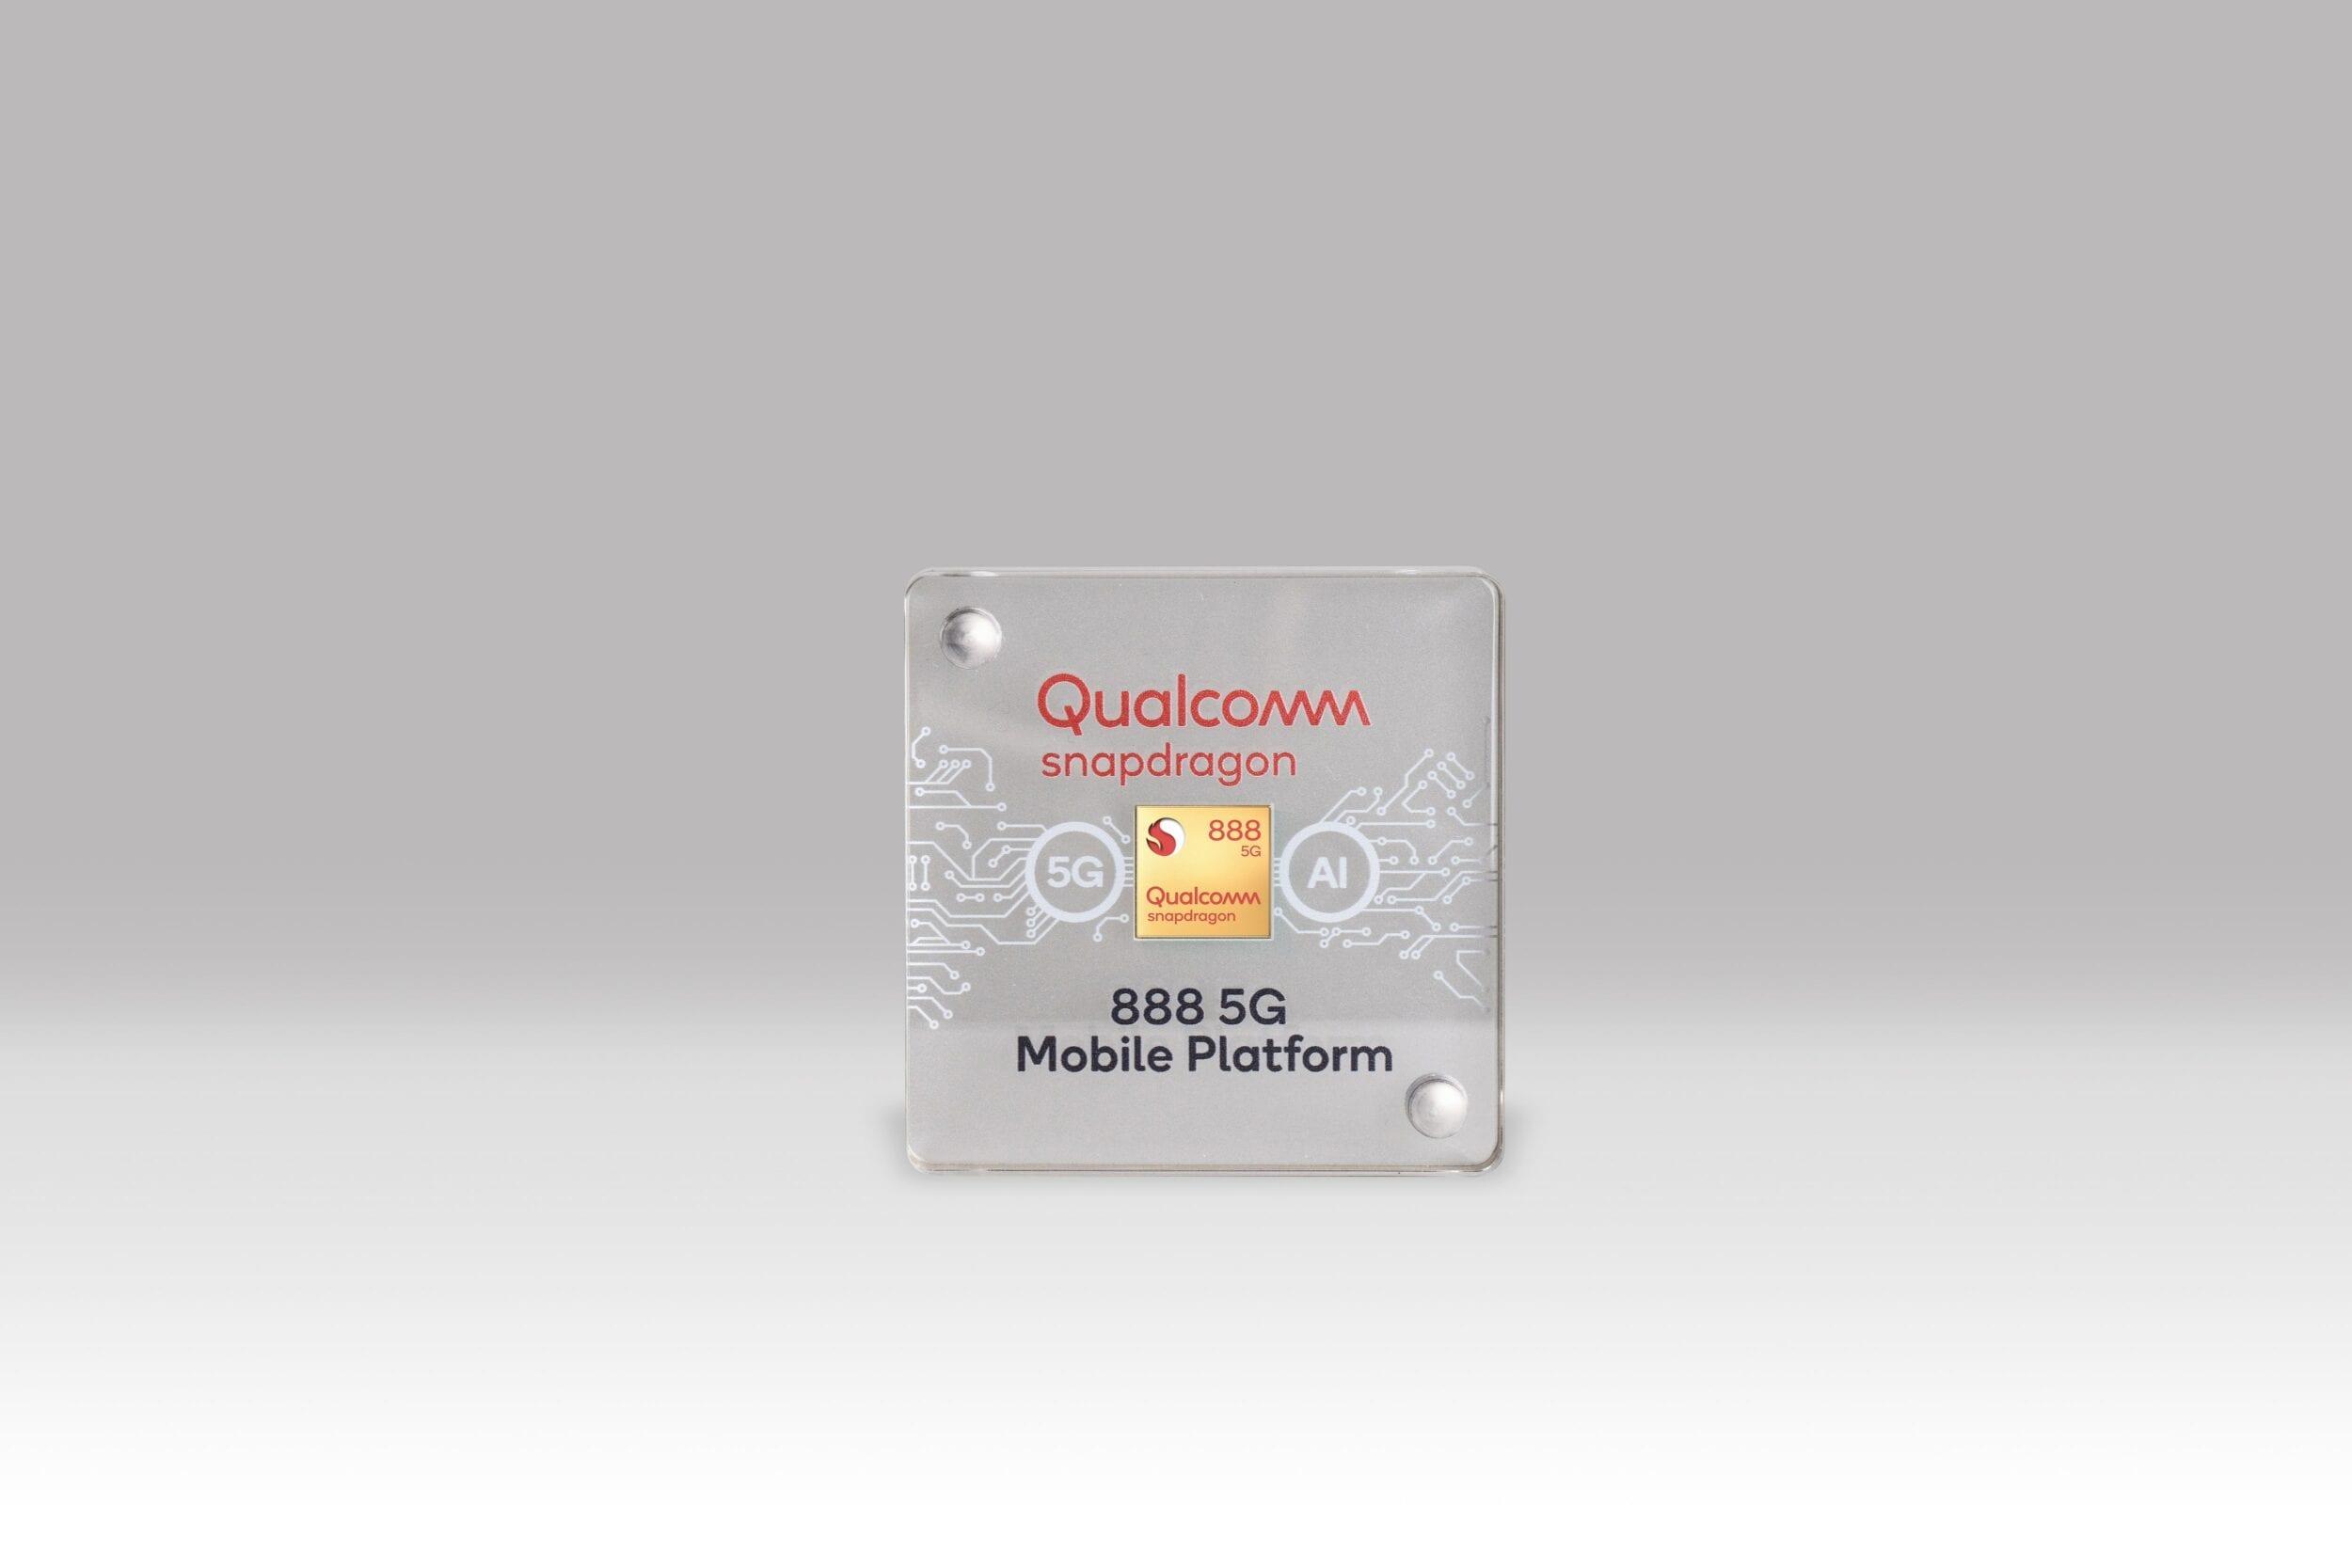 OPPO e Realme in prima linea con lo Snapdragon 888 5G: su quali dispositivi arriverà